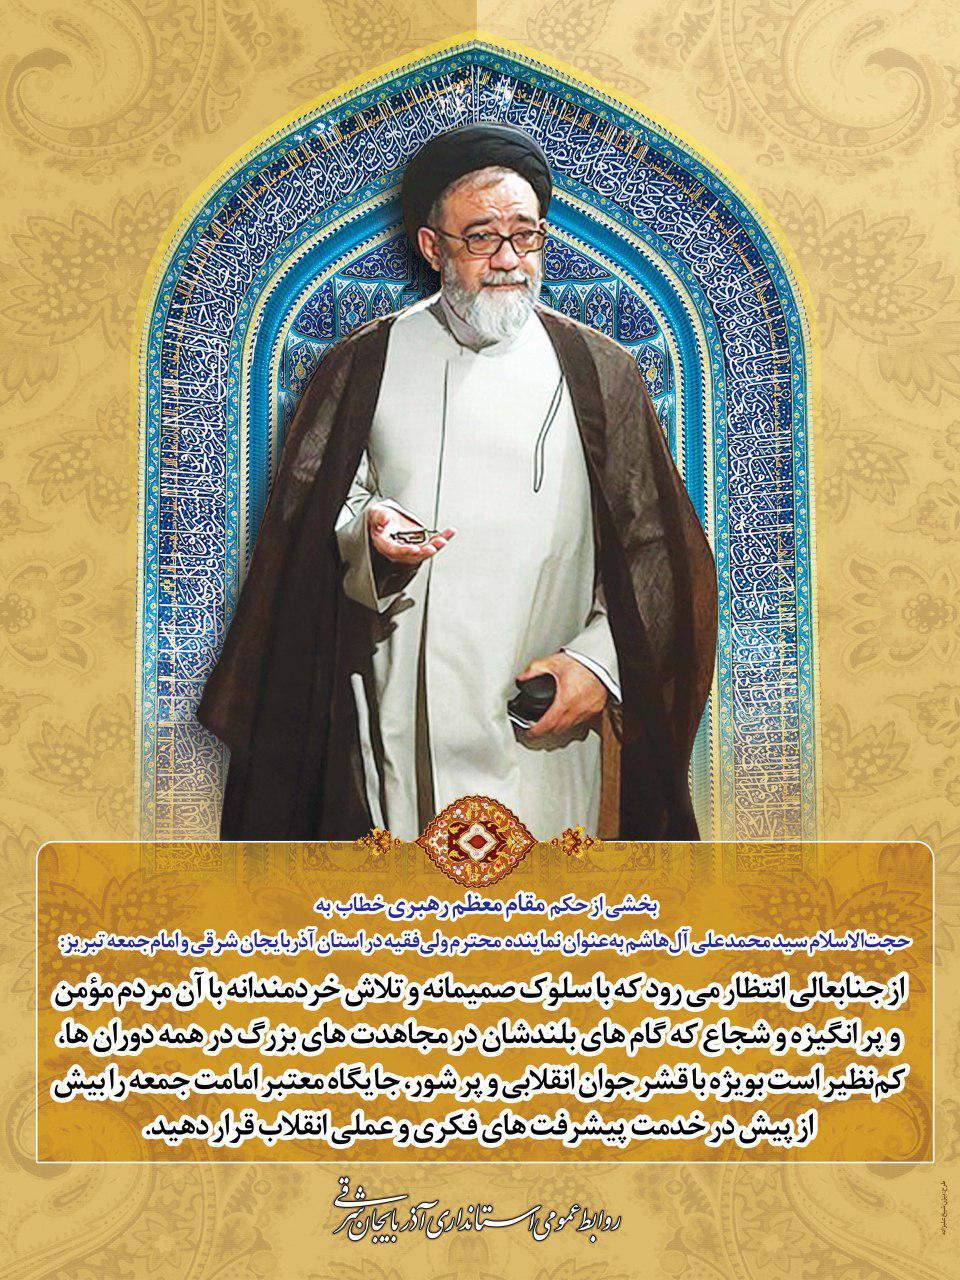 حجتالاسلام سیّد محمّدعلی آلهاشم